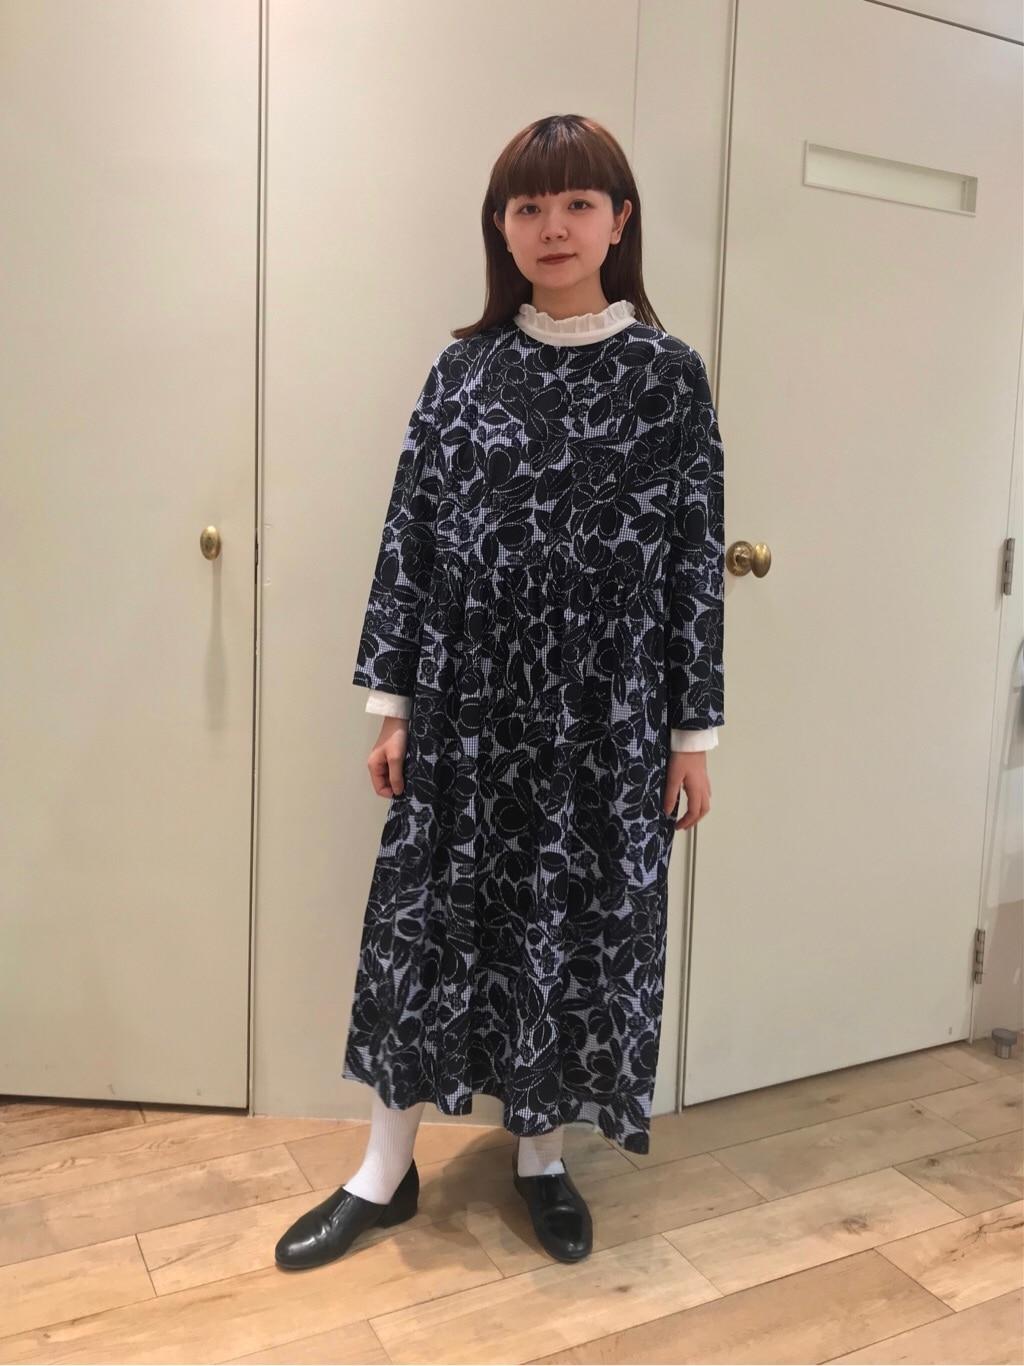 l'atelier du savon 東京スカイツリータウン・ソラマチ 身長:154cm 2021.02.26